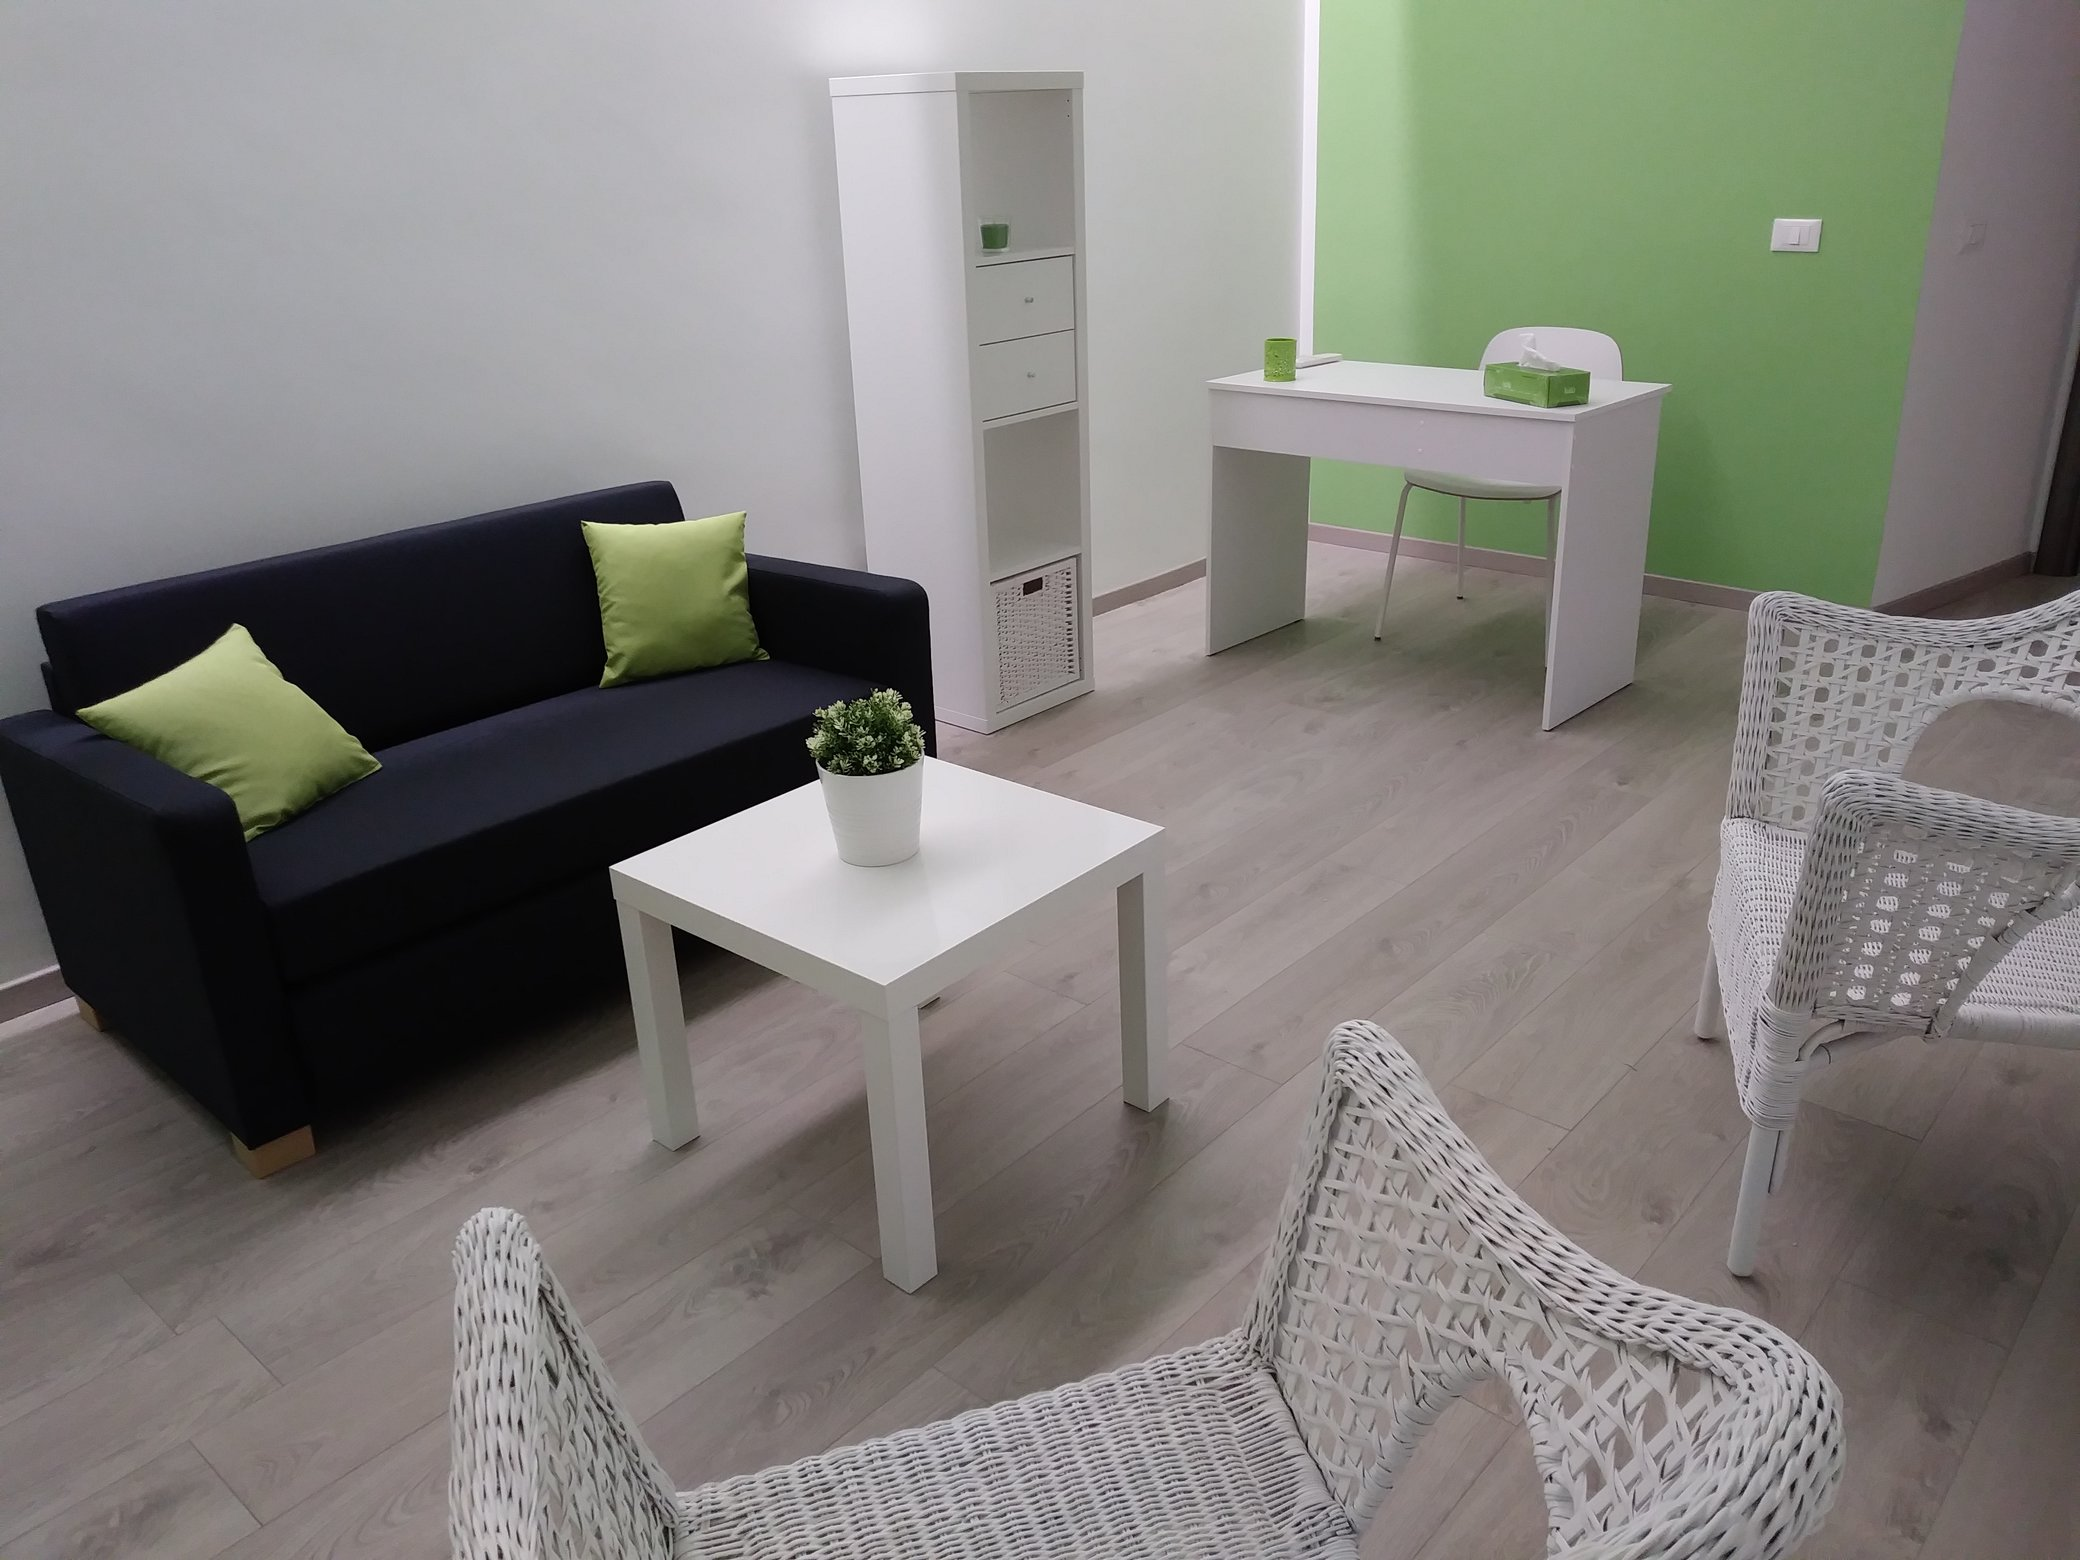 Studio osteopata in affitto a roma trastevere for Affitto ufficio giornaliero roma